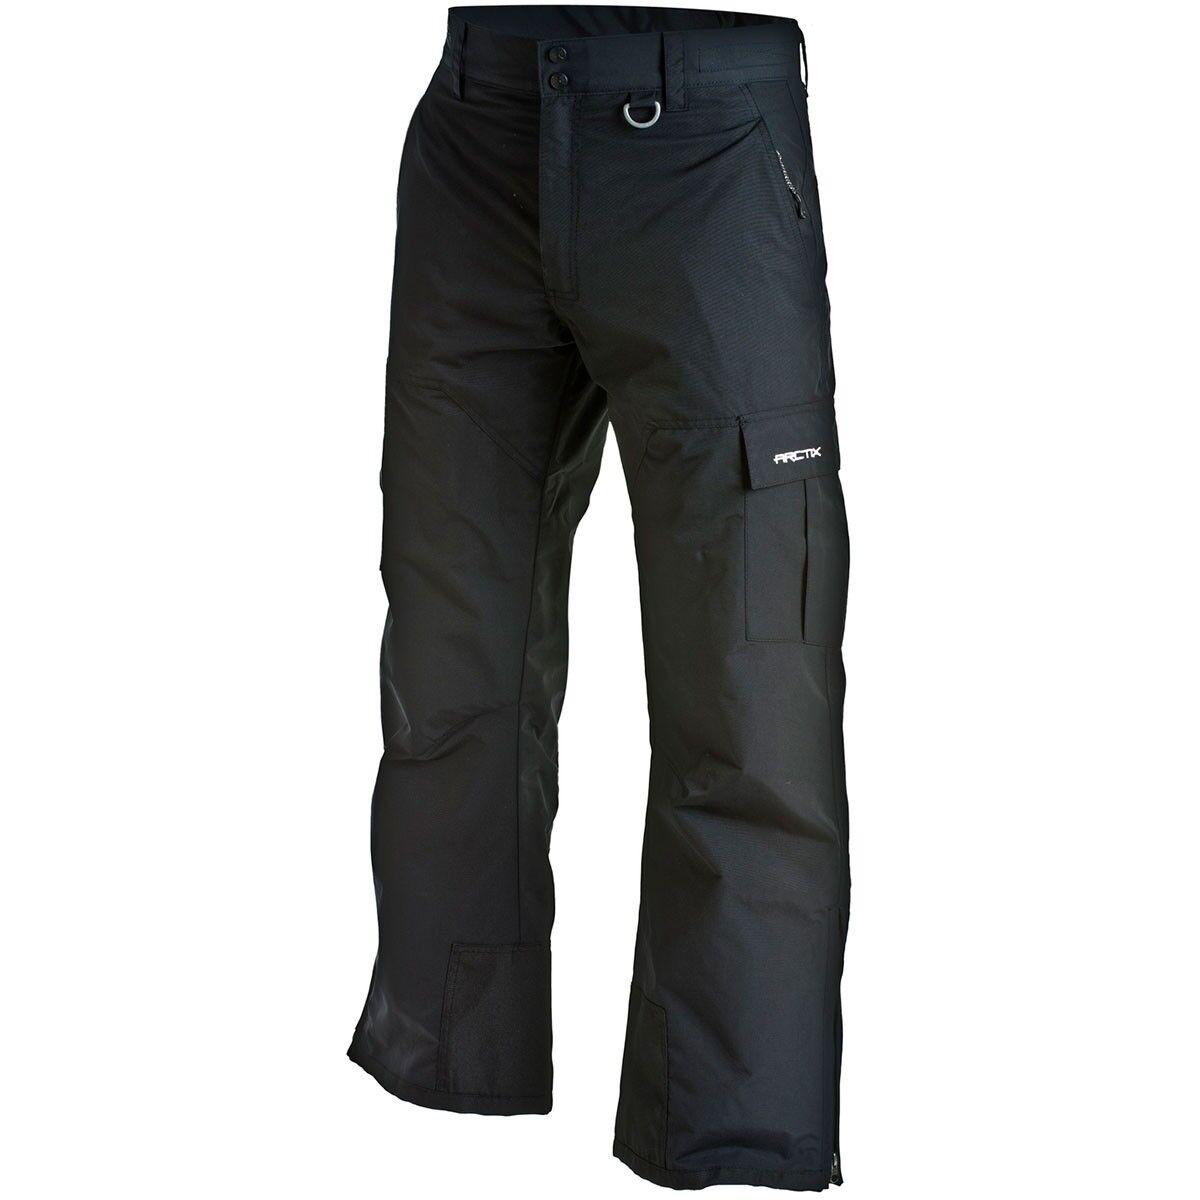 Arctix Premium Mesh Lined Cargo  Haul Snowboard Pant for Men  cheap wholesale